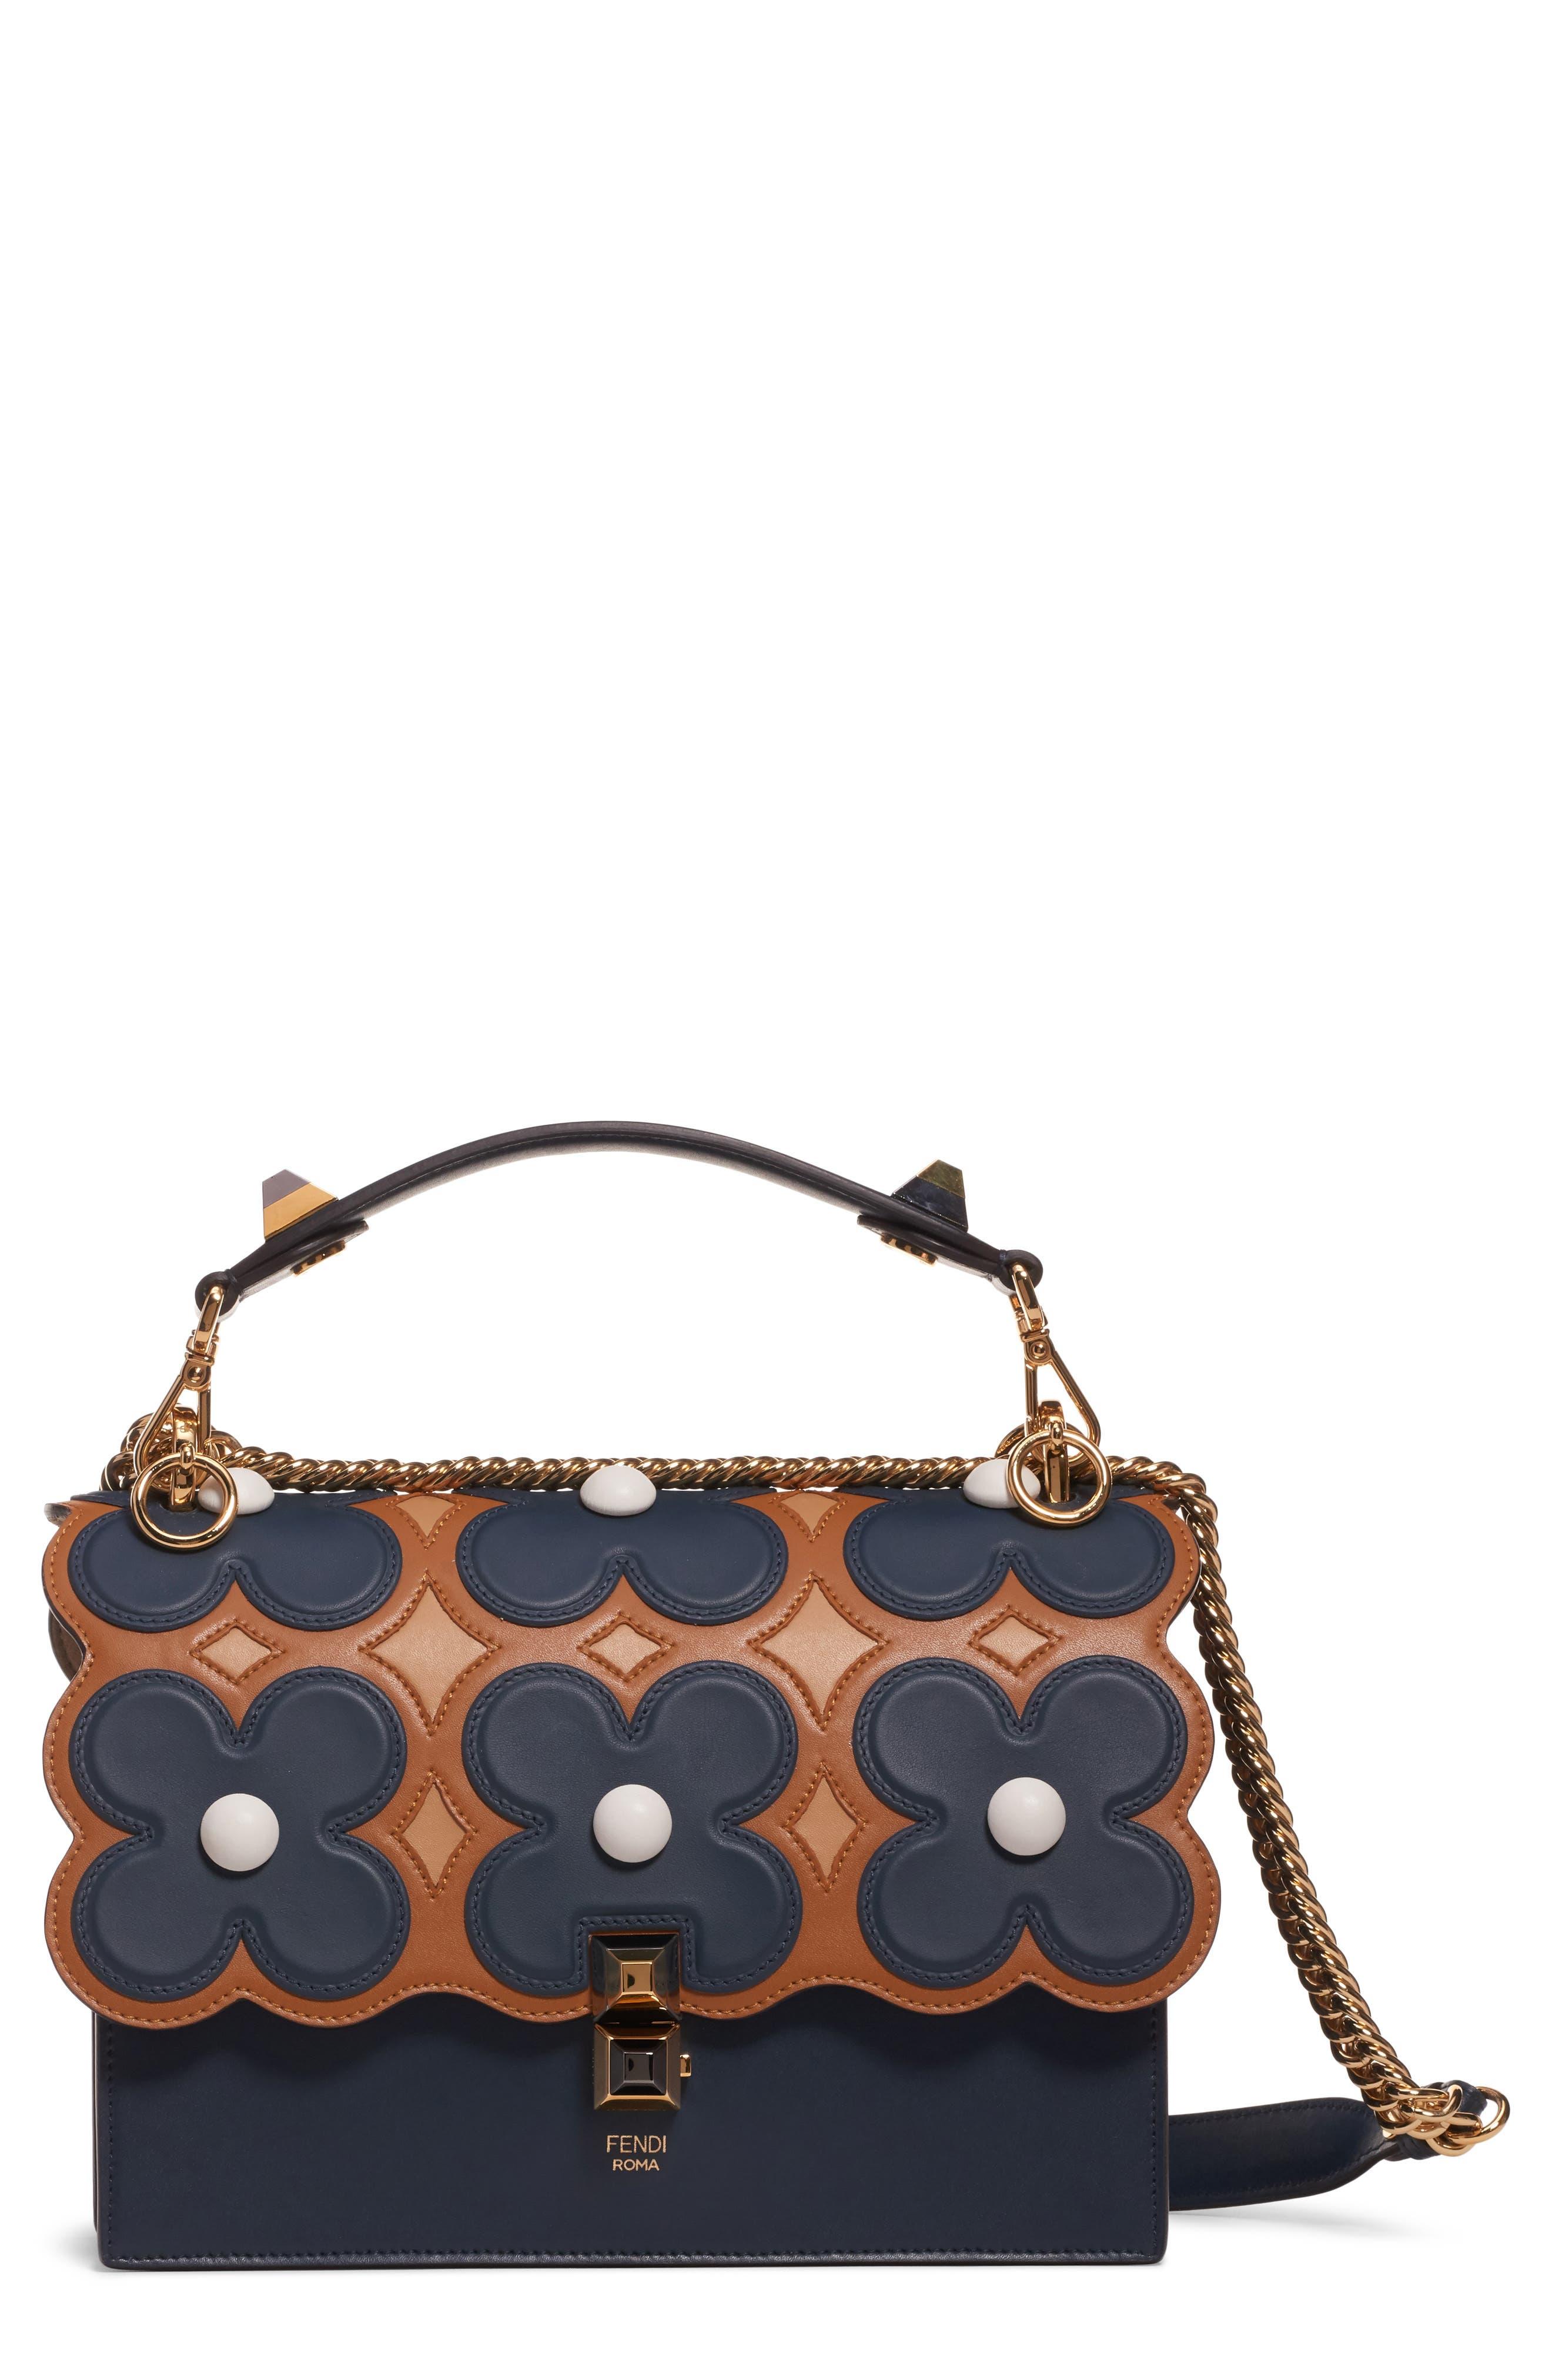 FENDI Kan I Liberty Flower Leather Shoulder Bag, Main, color, NOTTURNO